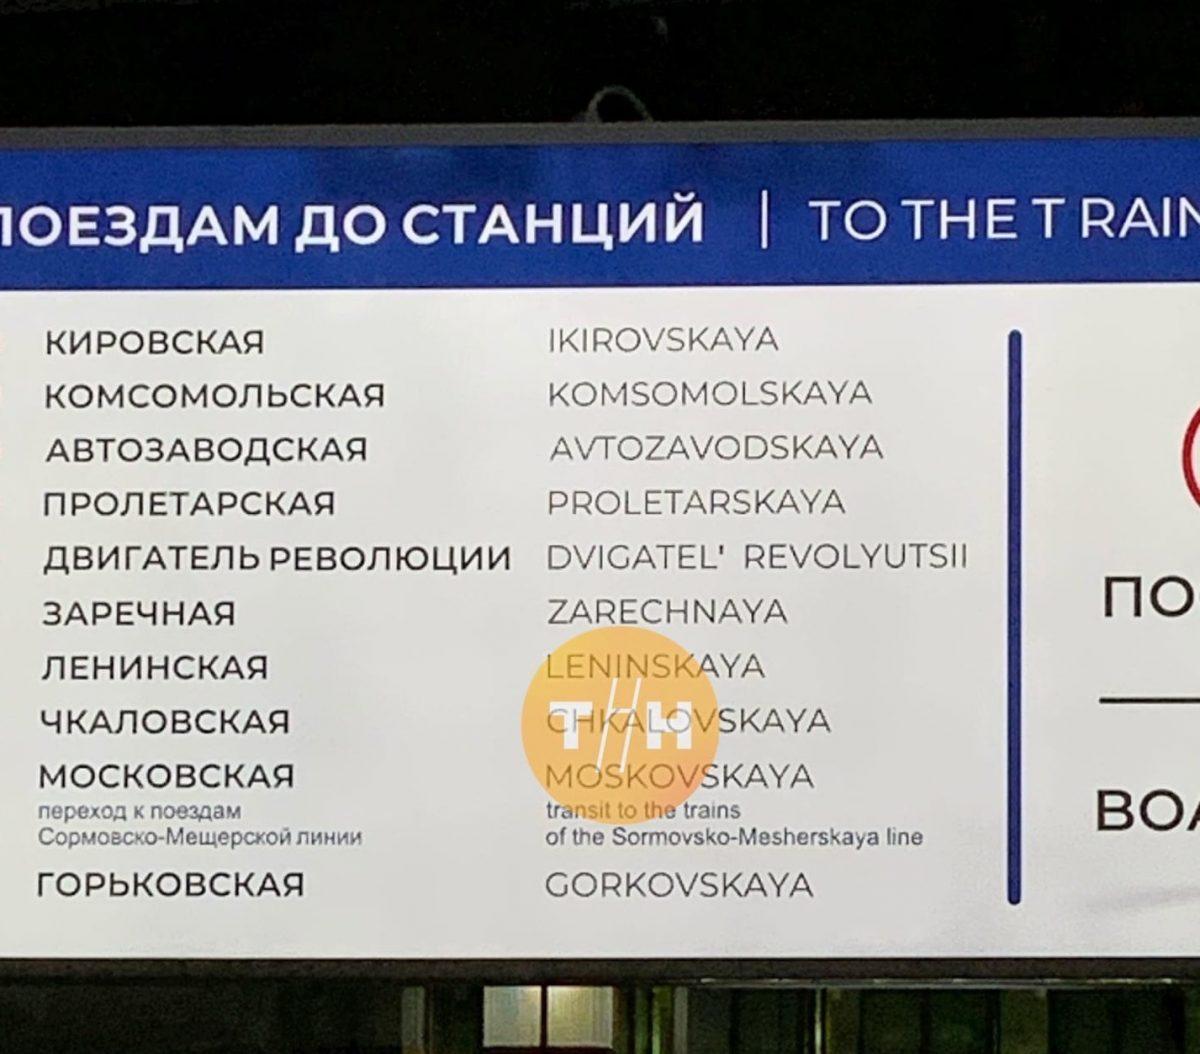 Вывеска с опечатками появилась в нижегородском метро